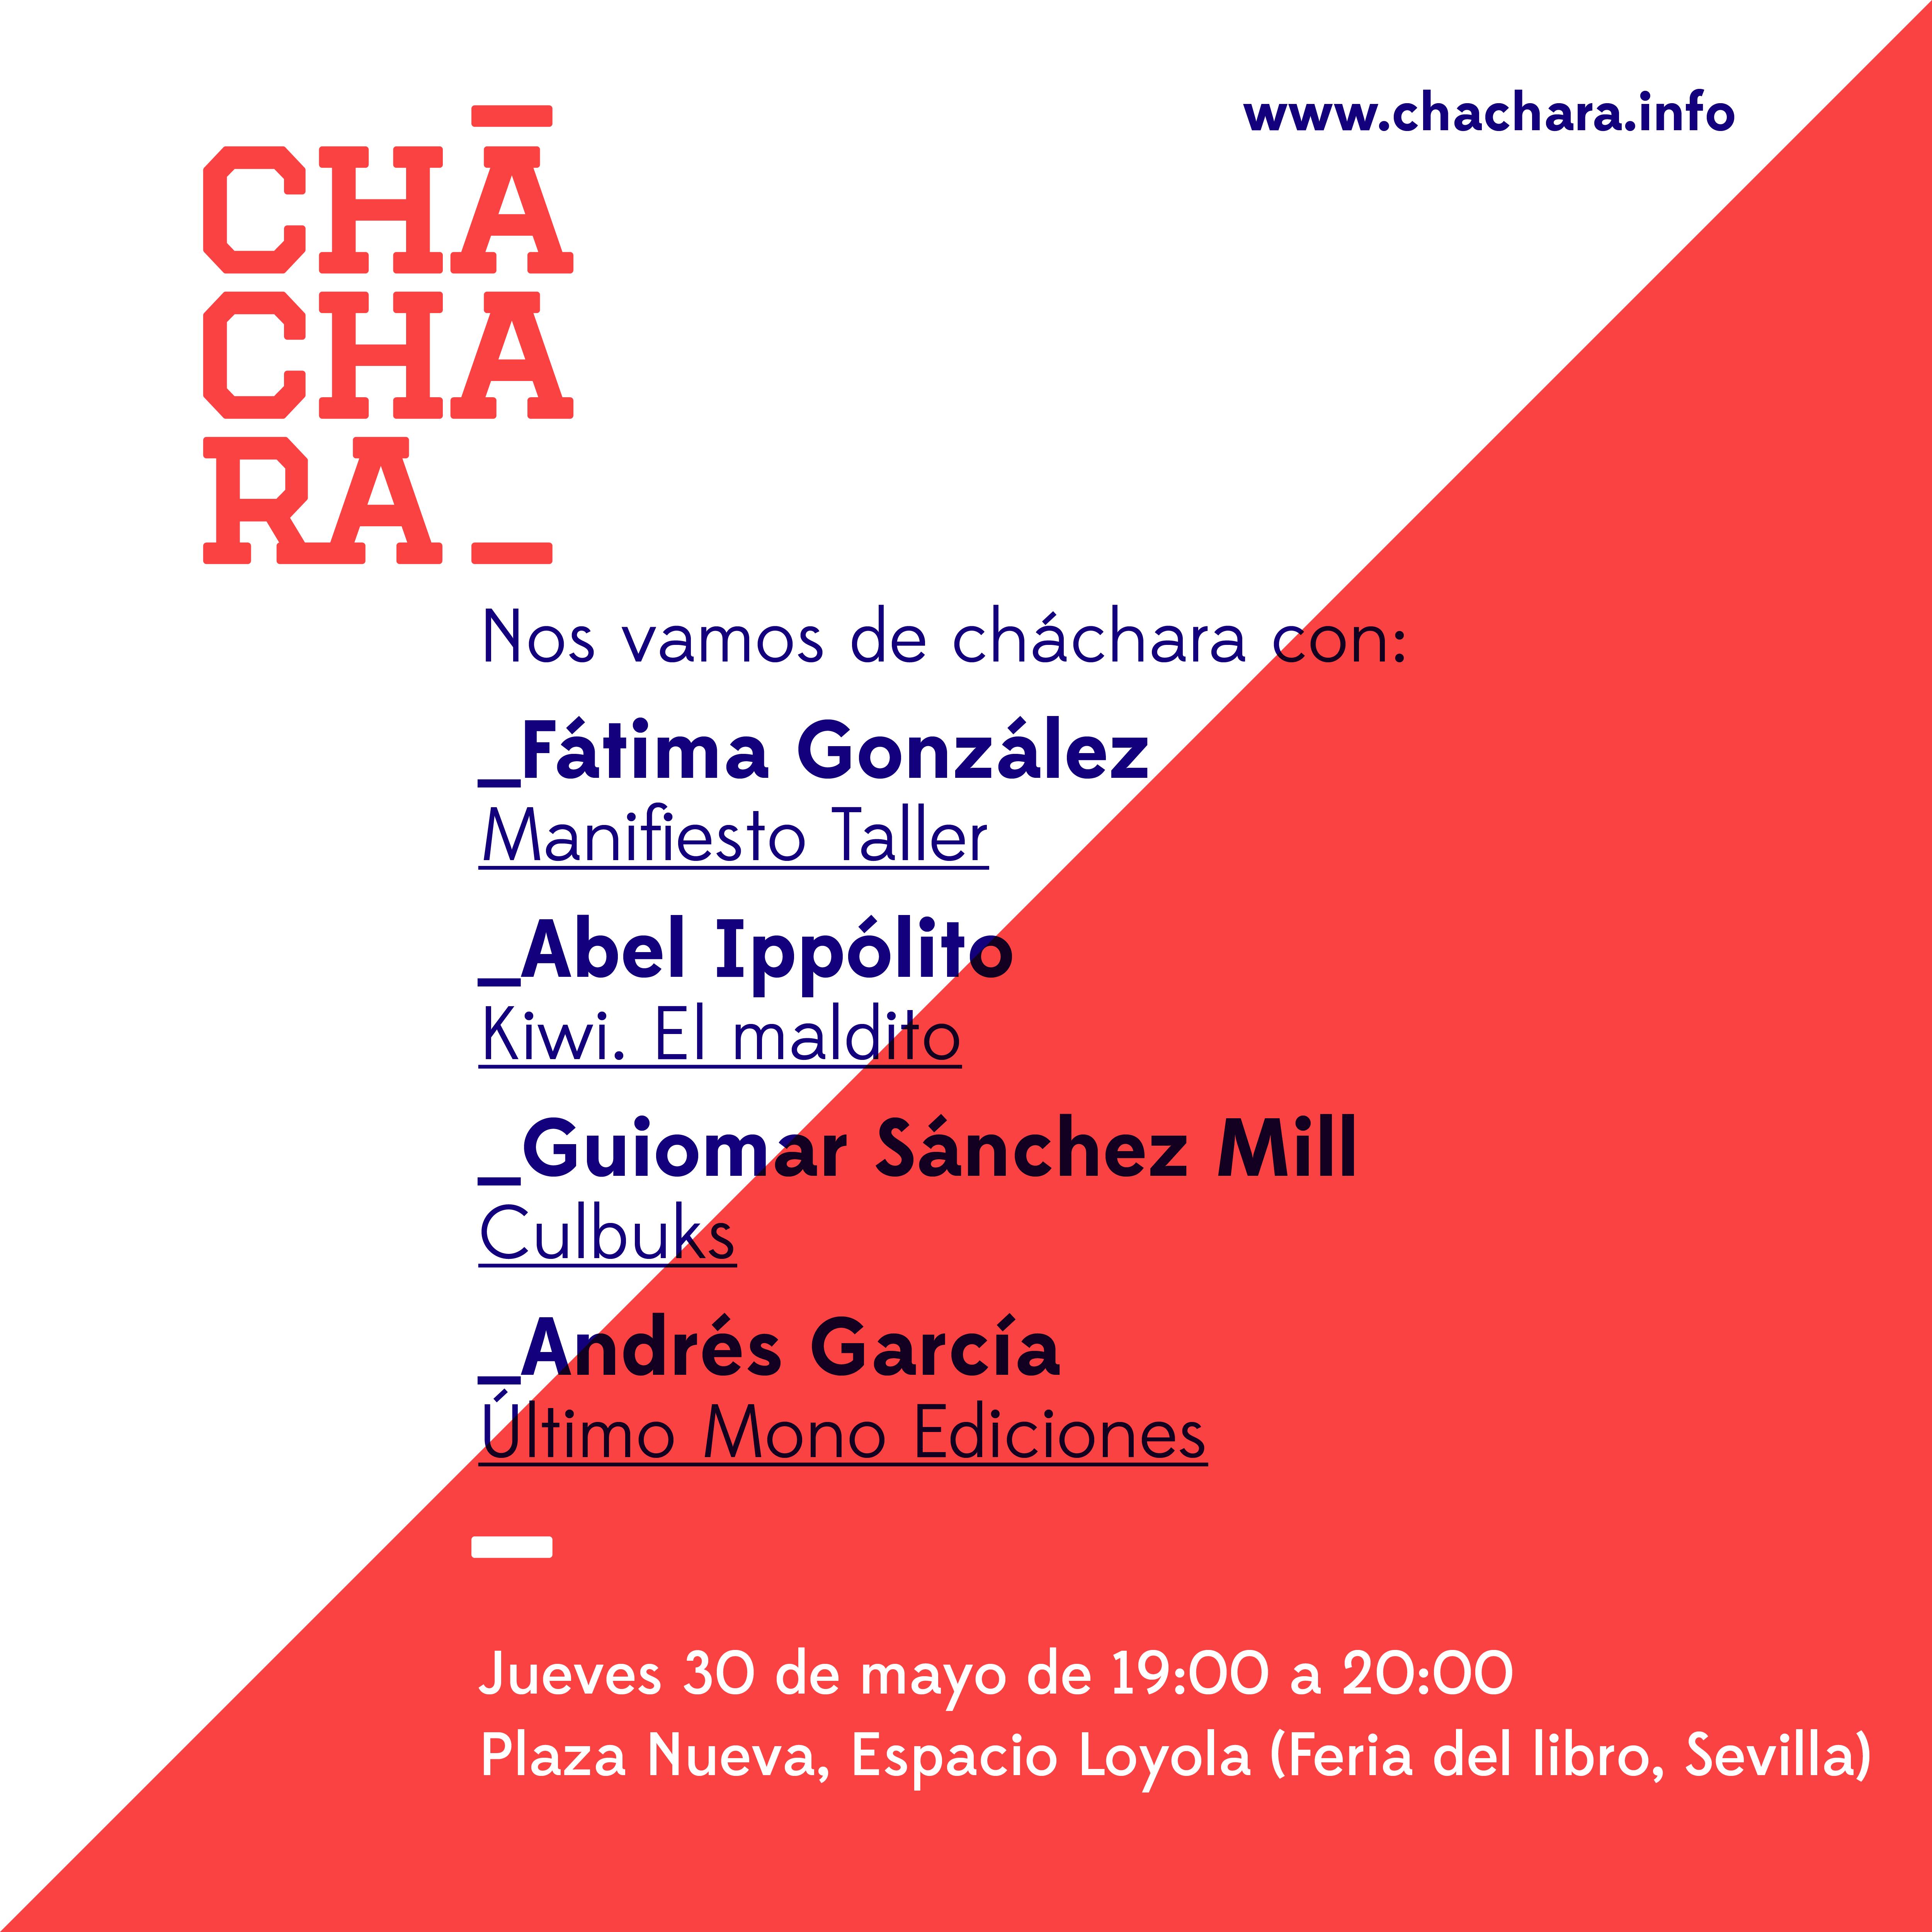 Cháchara Feria del libro Sevilla 2019